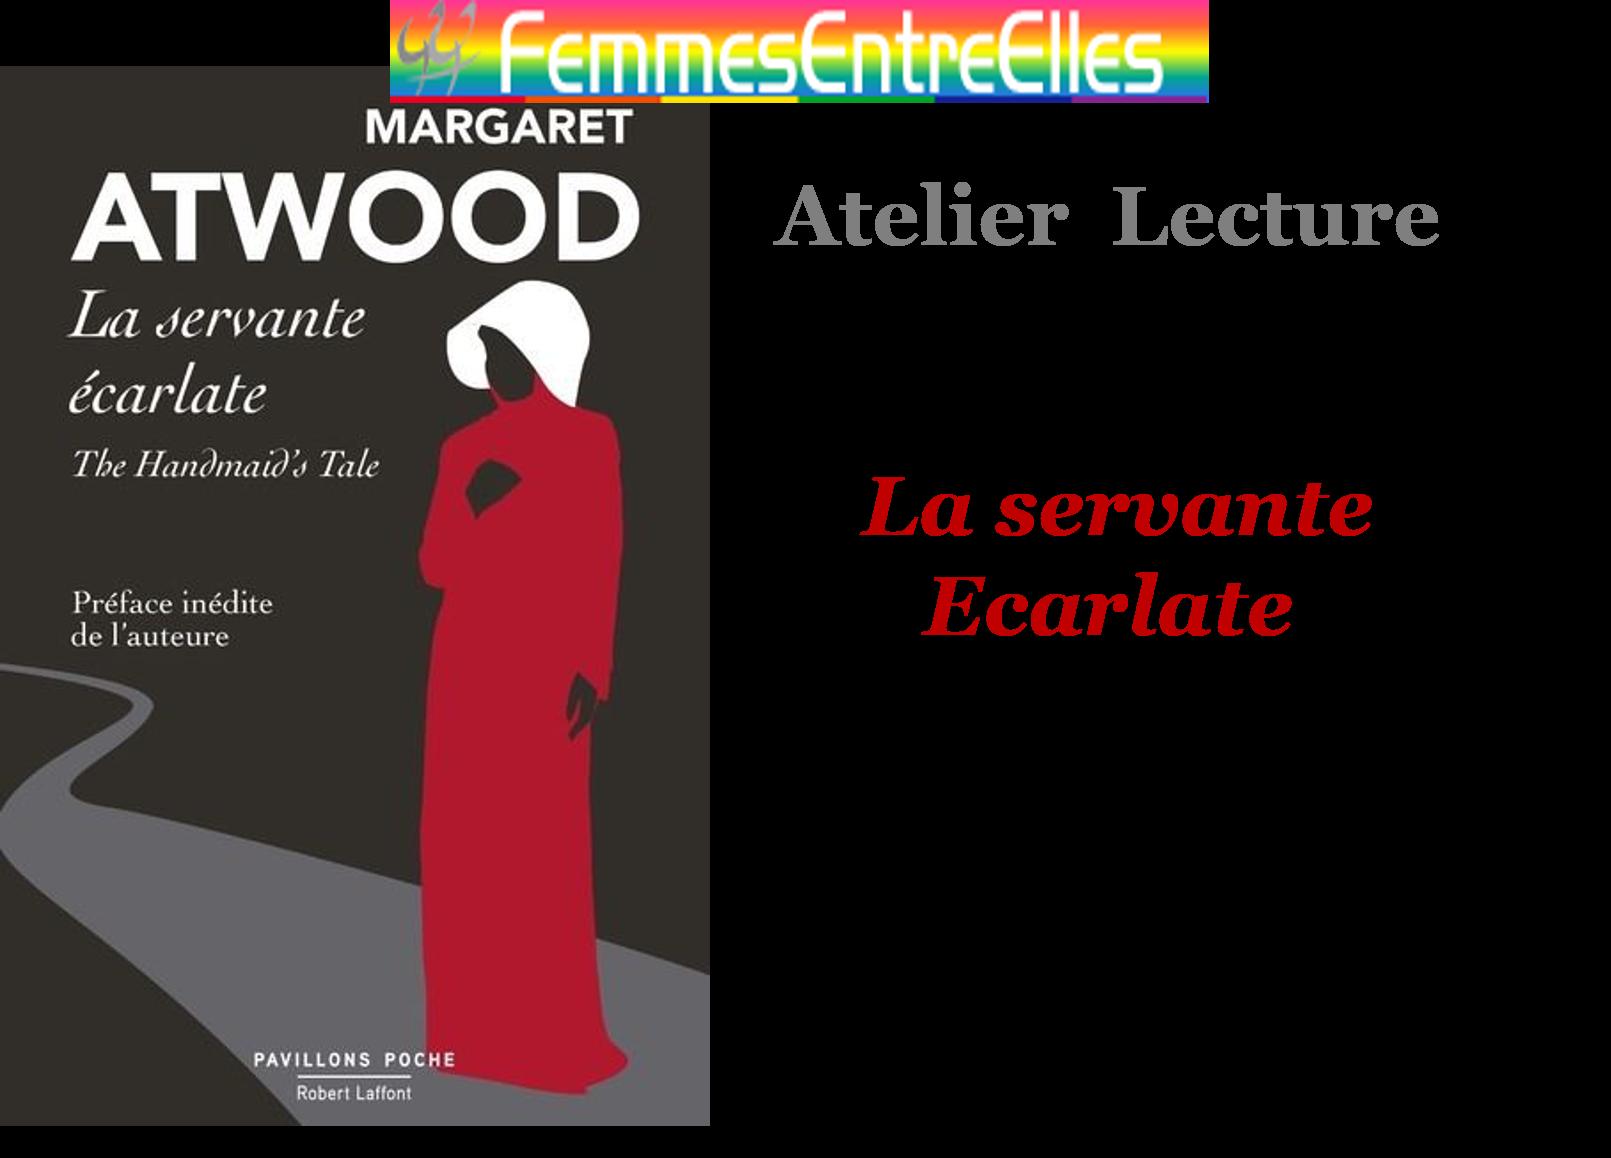 """[FEE] : Atelier lecture  samedi 9 Janvier 2021 à 17h au local """"La servante écarlate"""" de Margaret Atwood"""